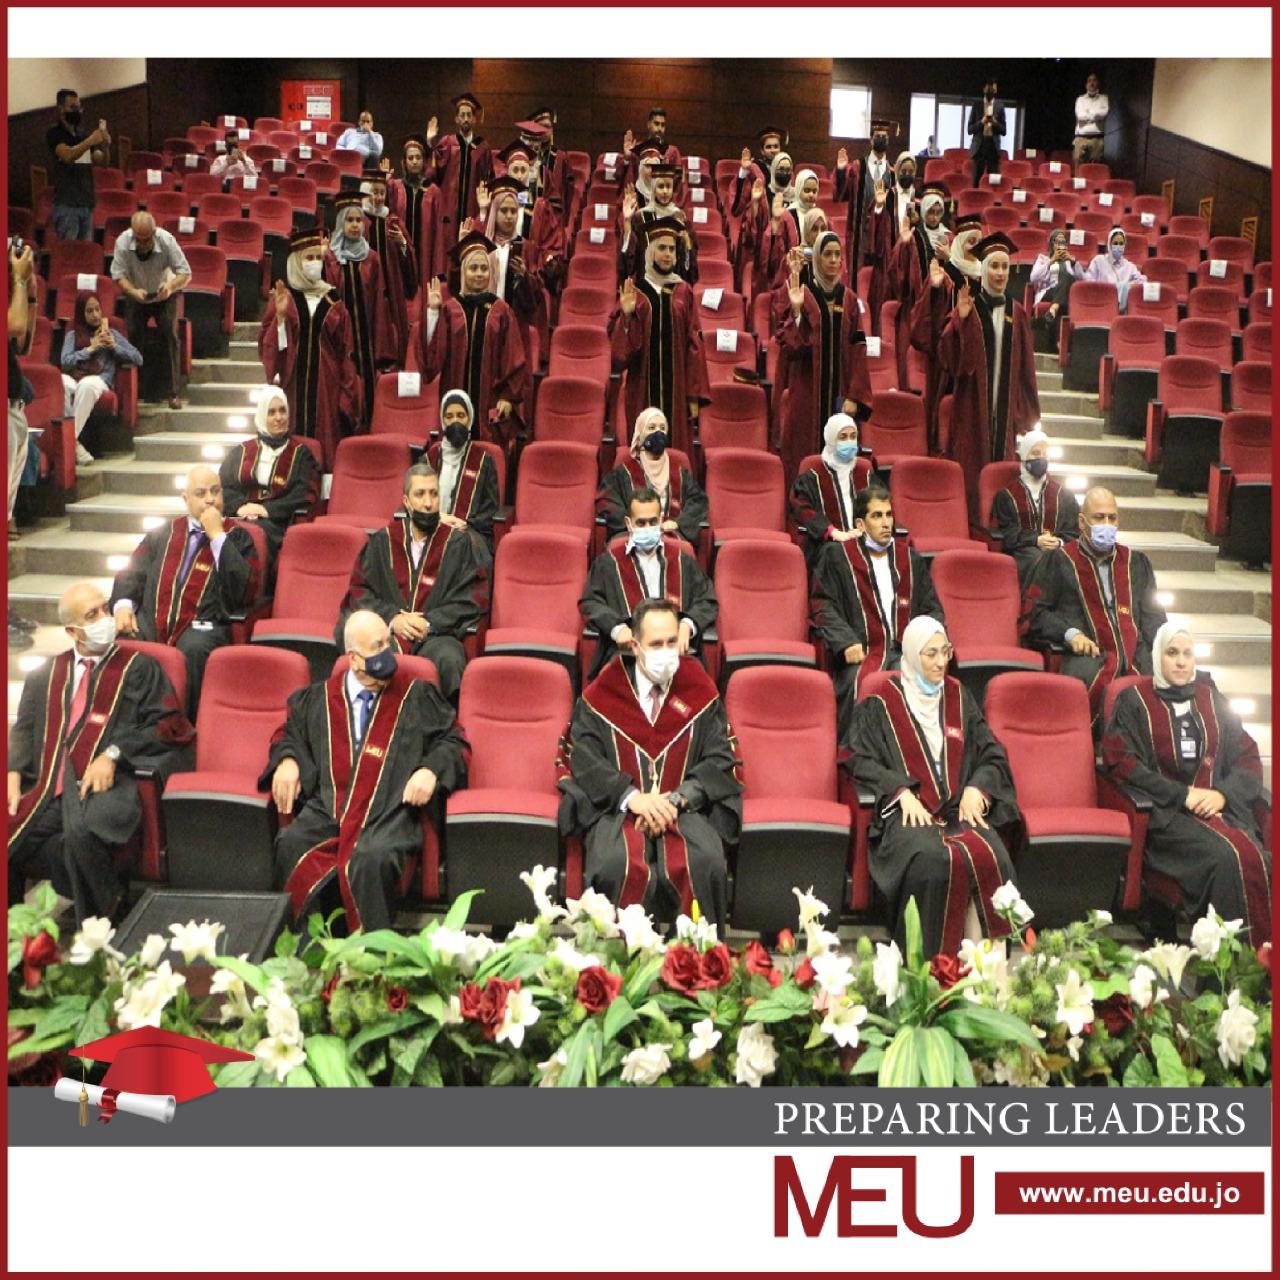 طلبة كلية الصيدلة يؤدون القسم القانوني في جامعة الشرق الأوسط MEU